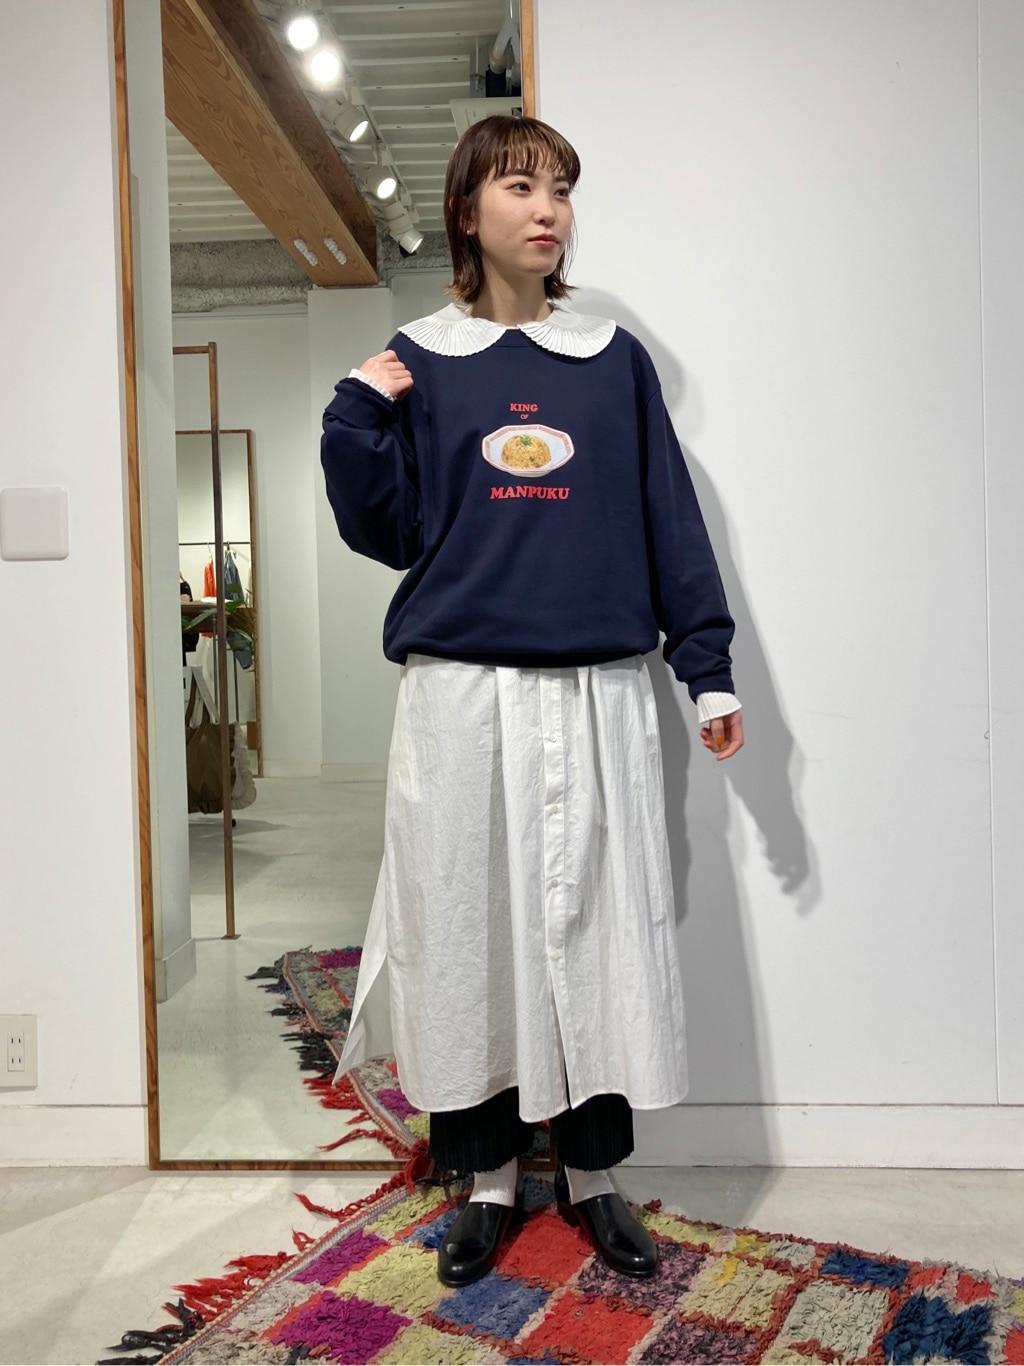 名古屋栄路面 2021.02.09